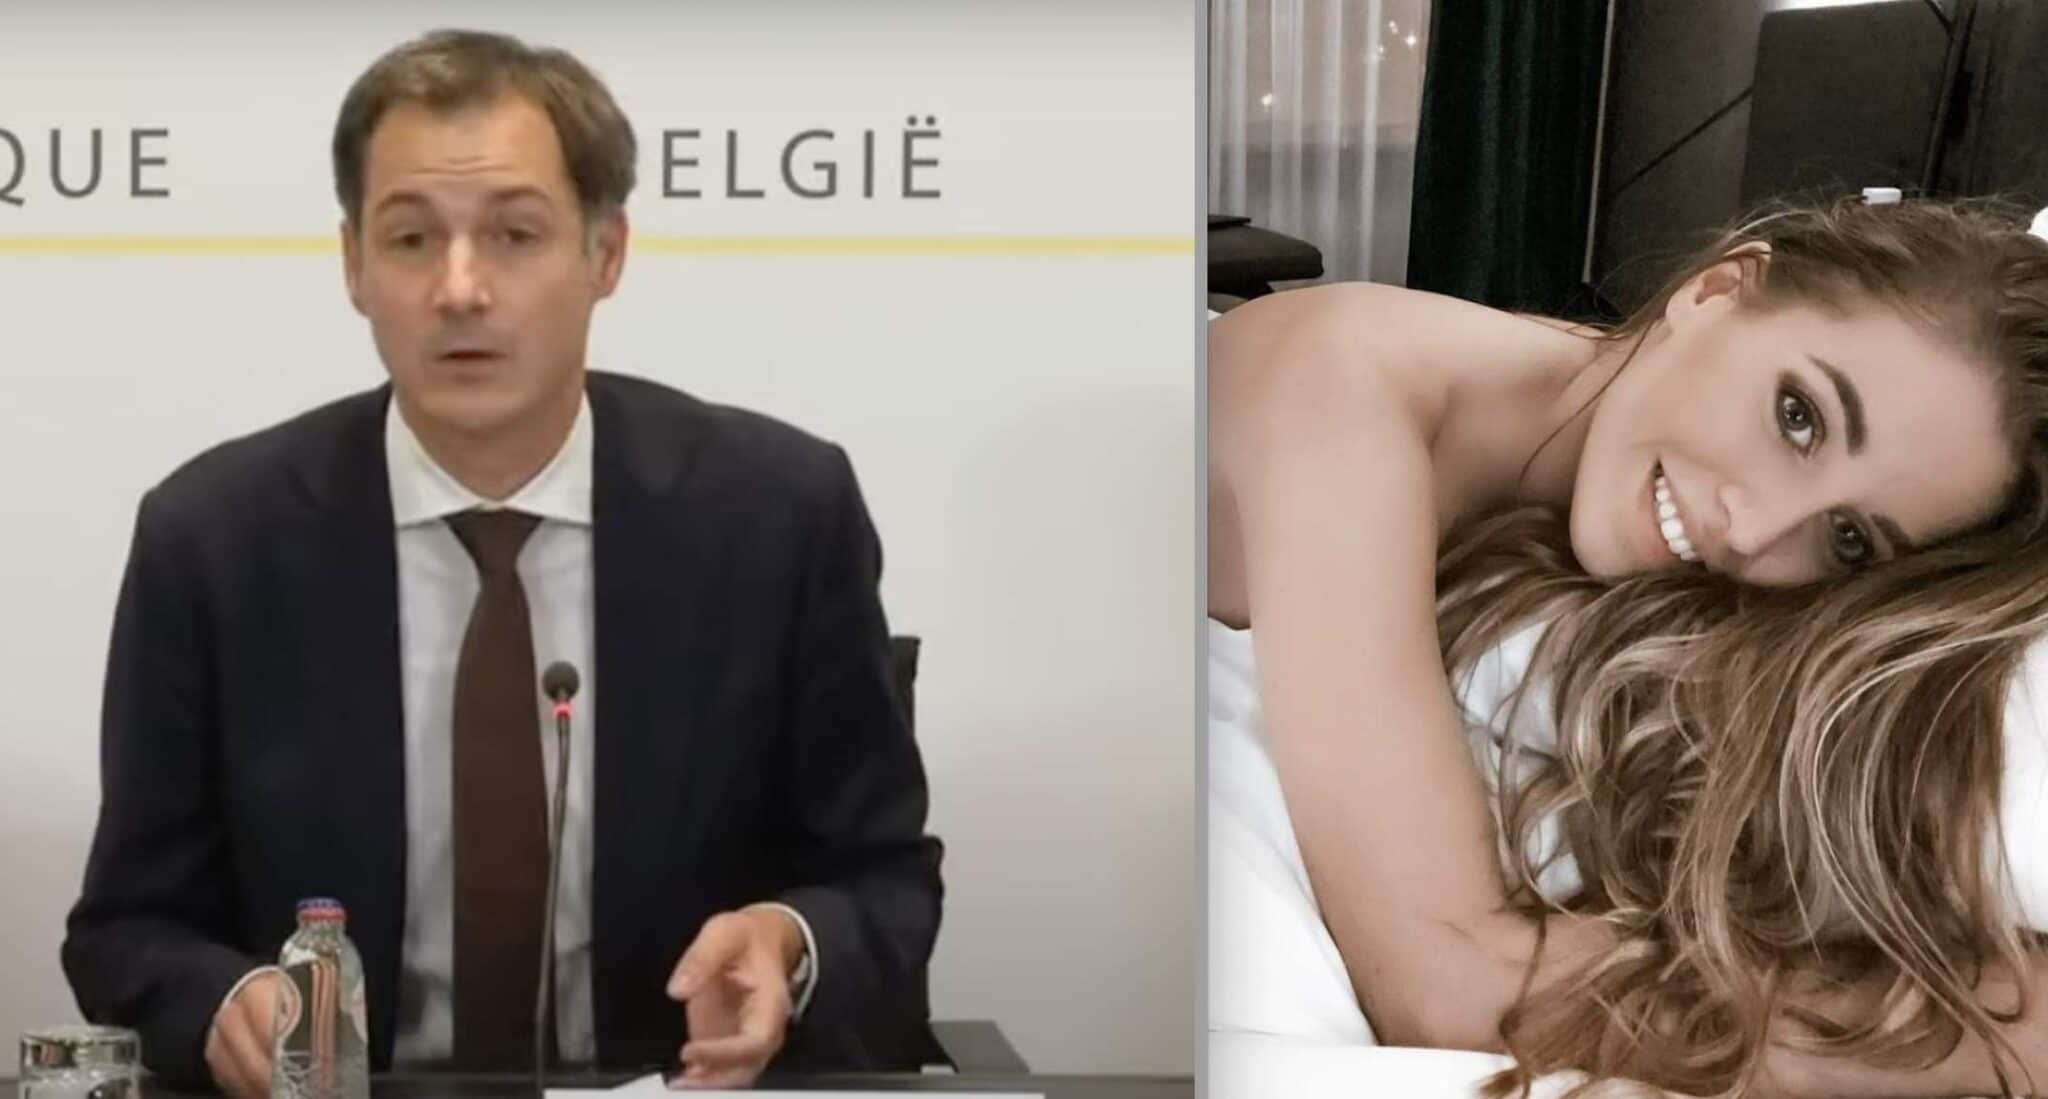 Bufera sul premier belga De Croo, reo di avere chattato con una pornostar italiana. Ma chi se ne frega? Siamo imbottiti di moralismo e poveri di moralità